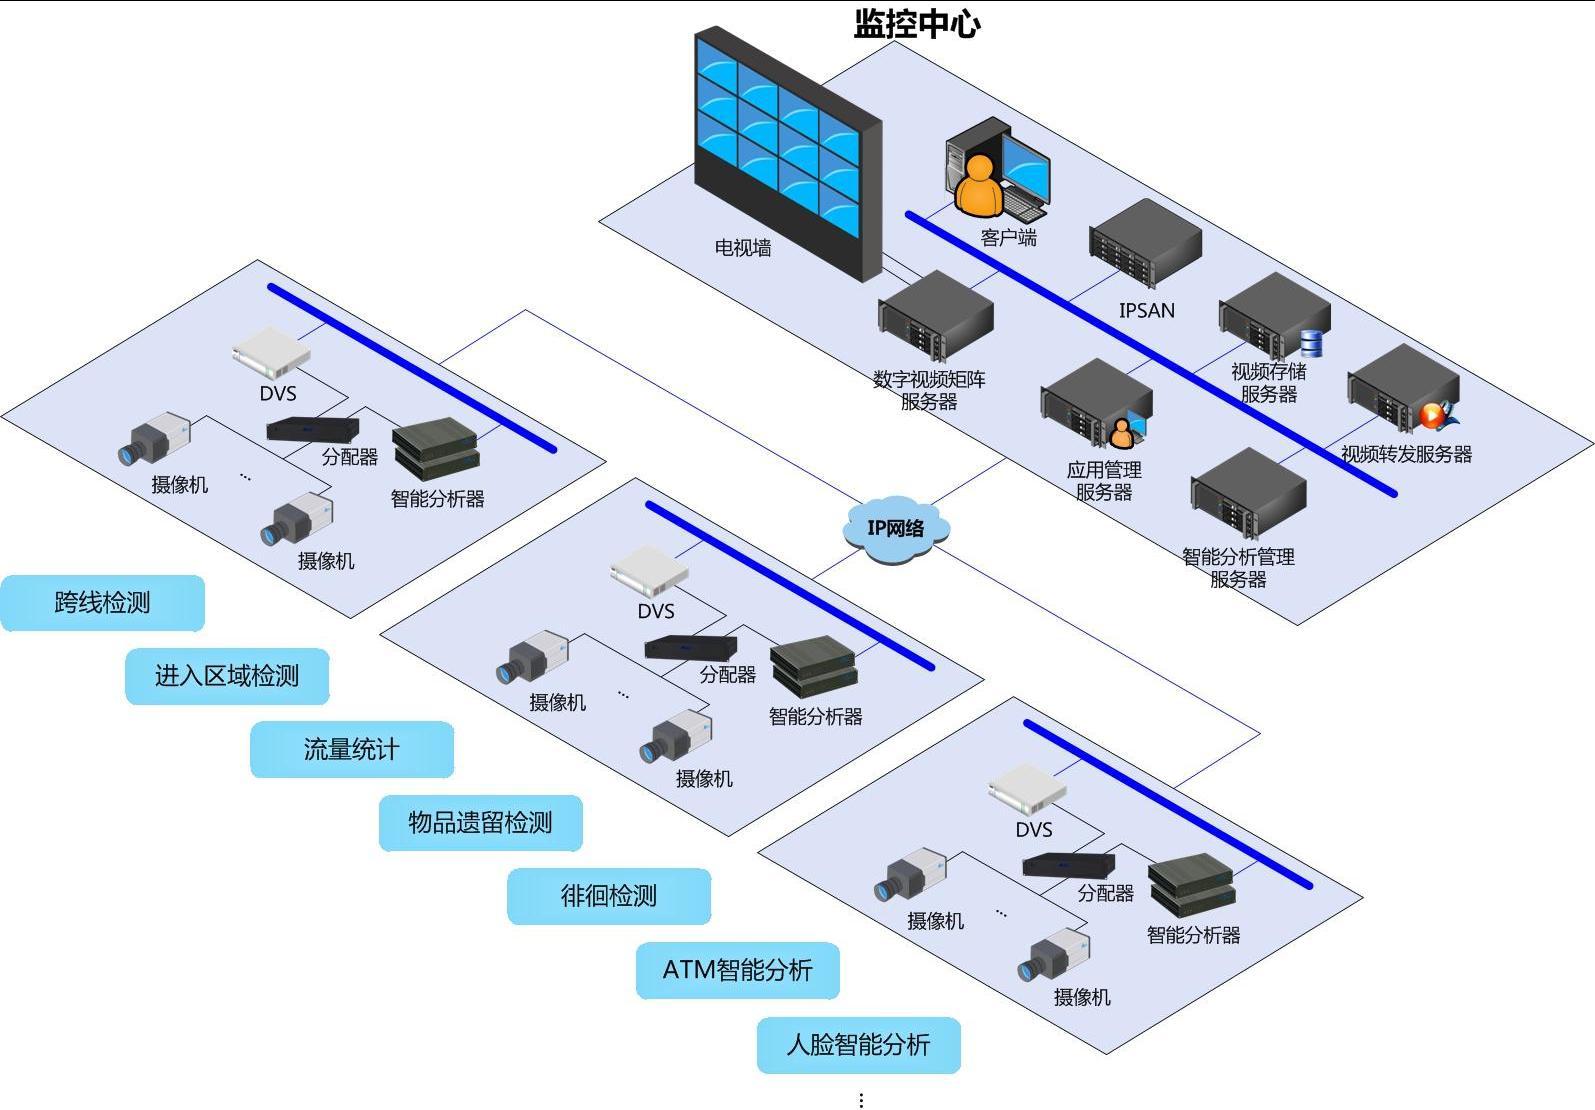 智能视频分析系统解决方案